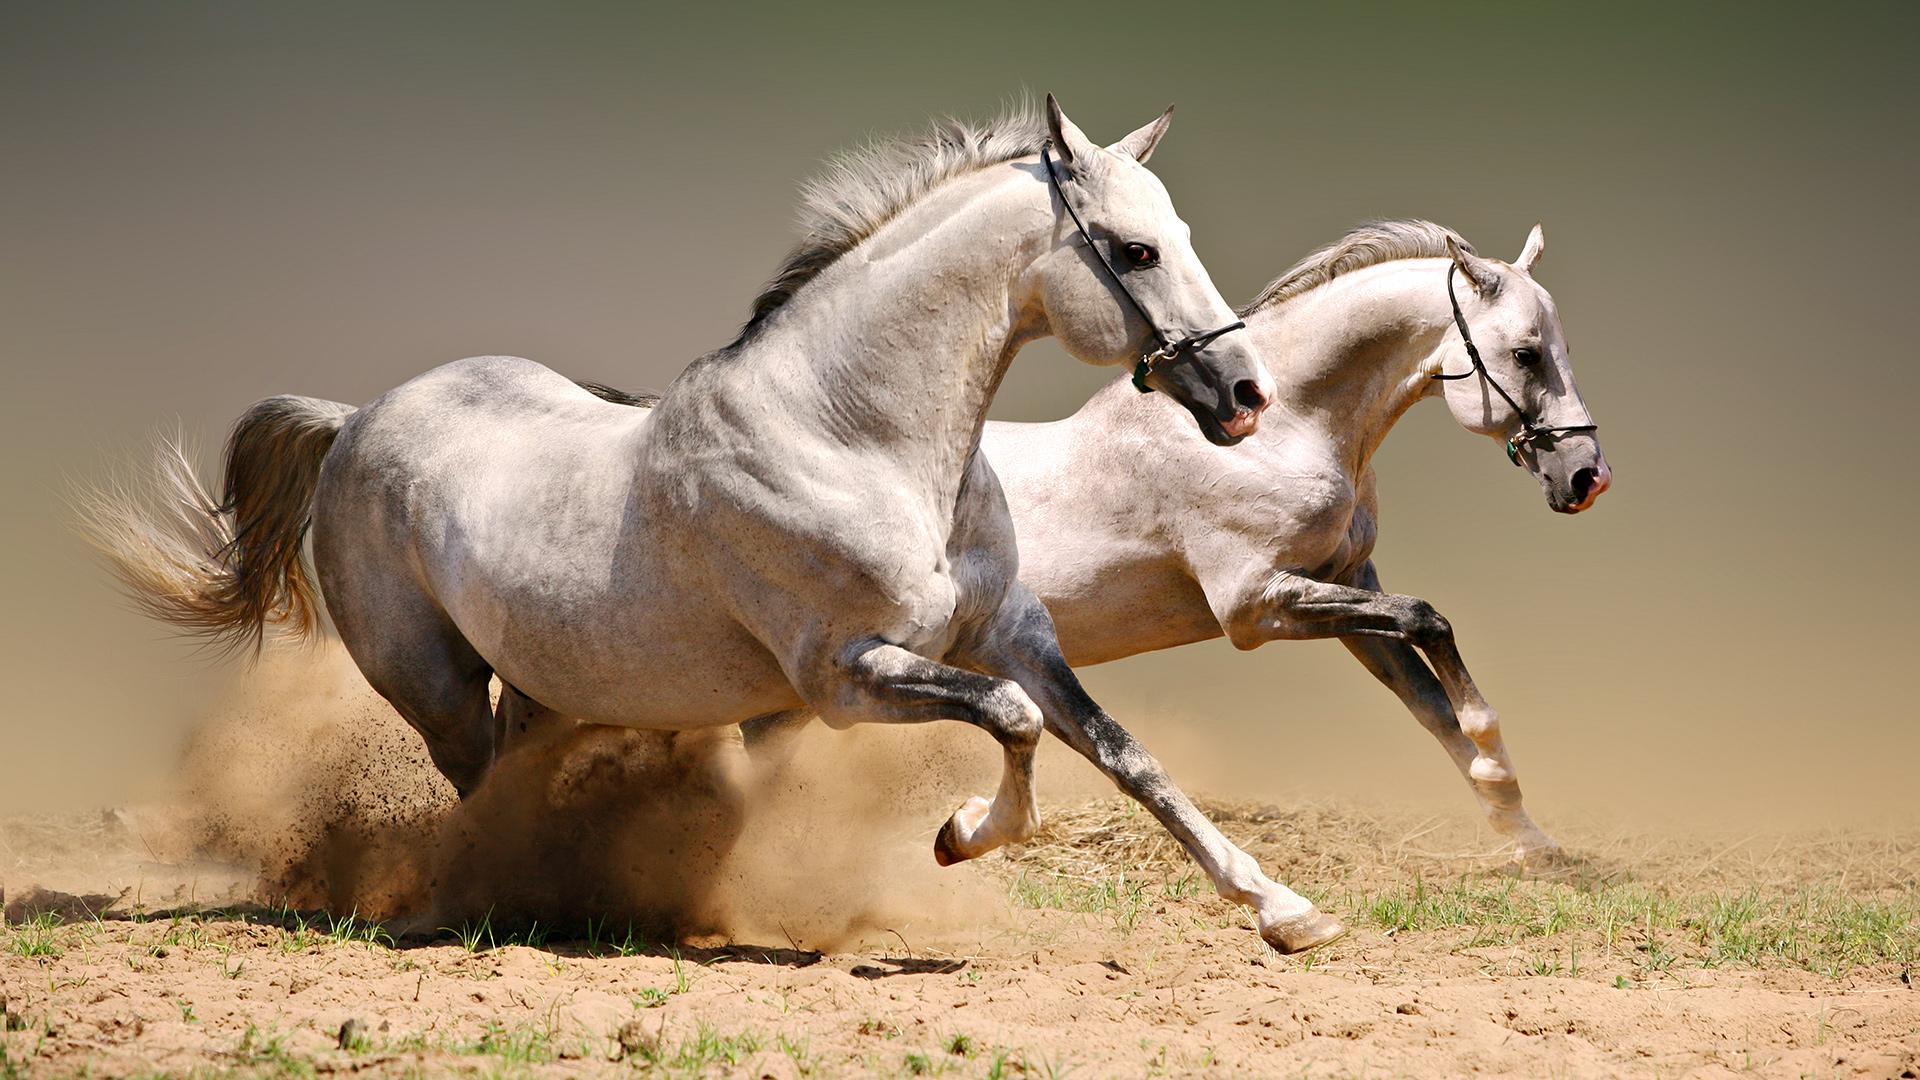 عکس جالب از حیوانات | عکس حیوانات بامزه | تصاویر حیوانات عجیب و غریب | عکس حیوانات ناشناخته | تصاویر دیده نشده از زندگی حیوانات | عکسهای با کیفیت طبیعت حیوان